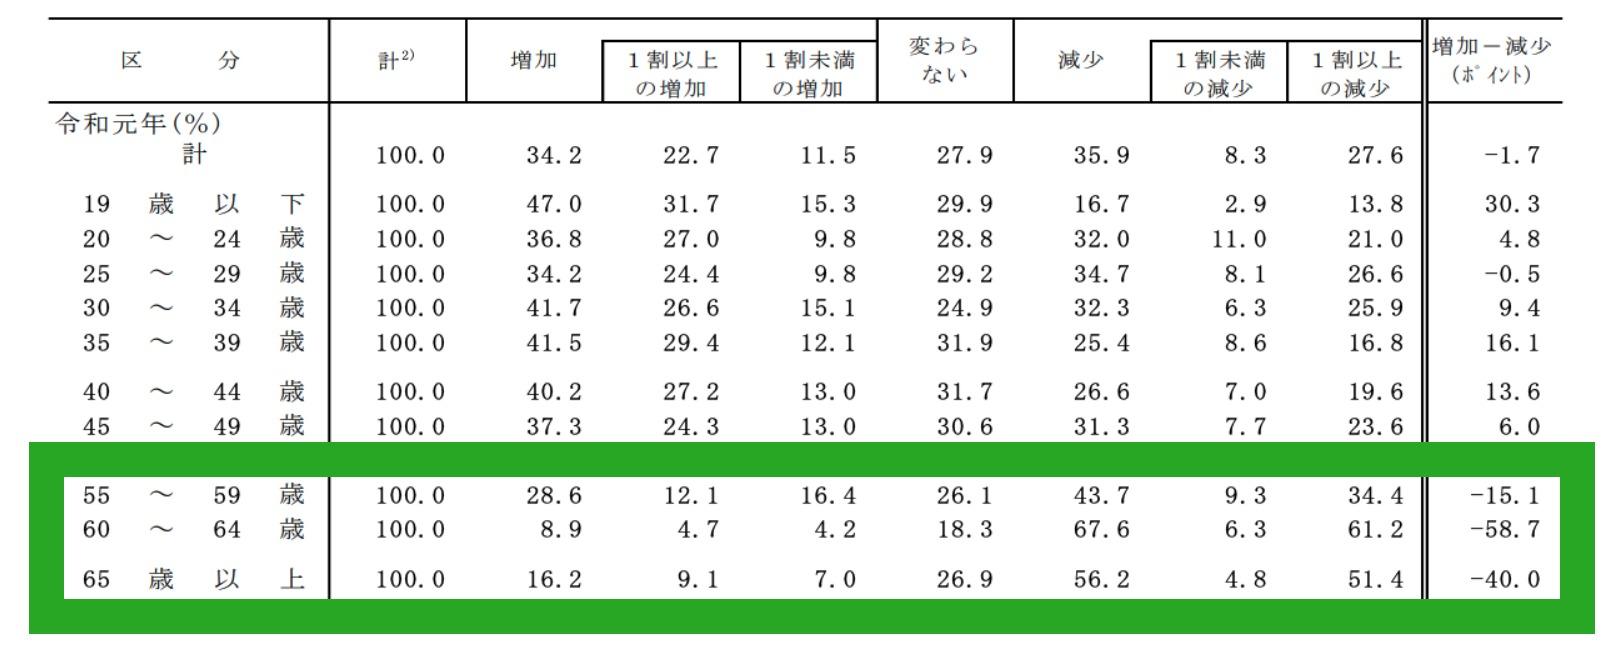 厚生労働省資料「転職入職者の賃金変動状況」